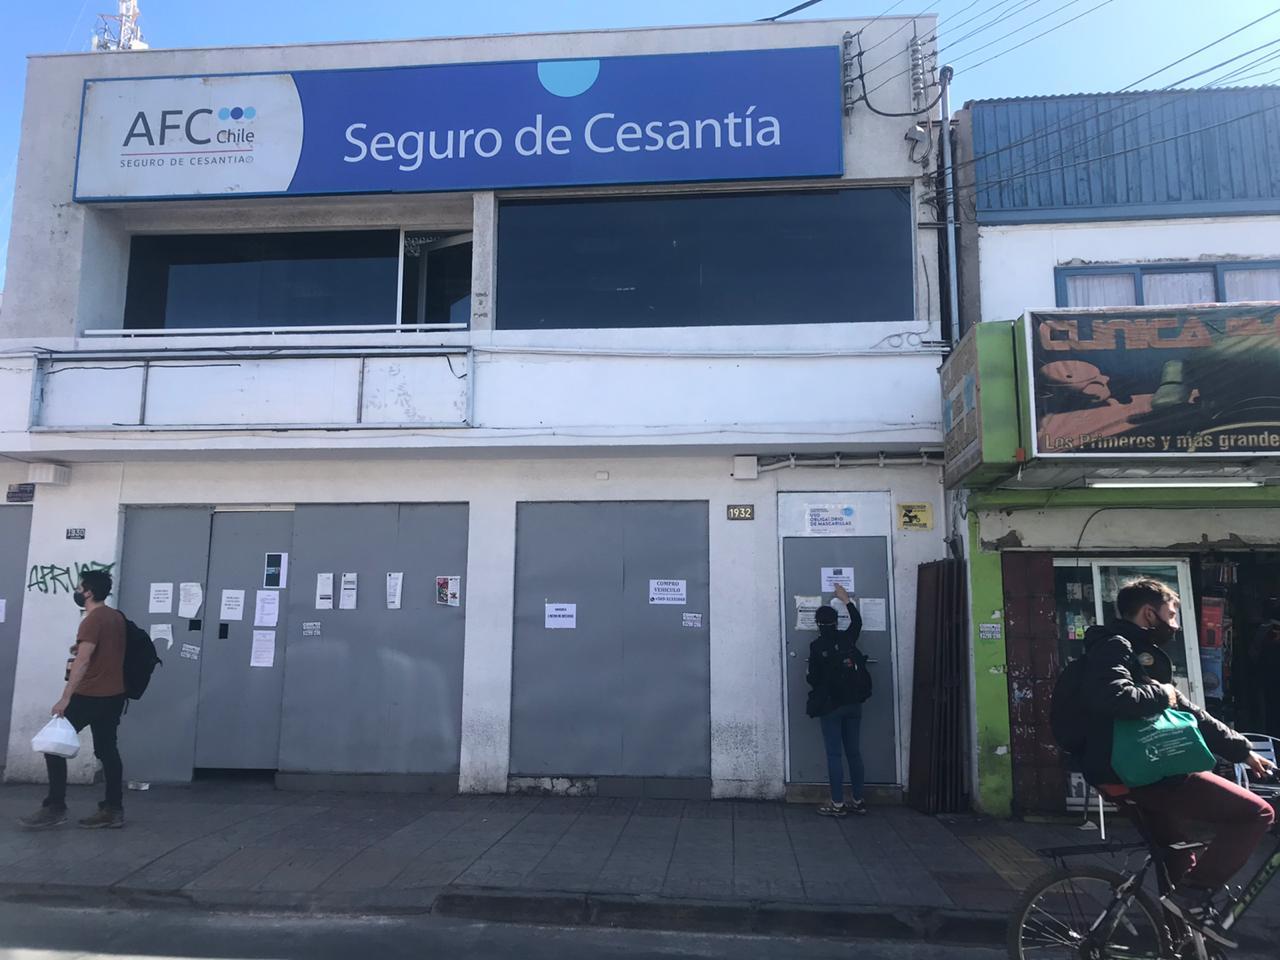 INCREÍBLE: AFC DE CALAMA HIZO TRABAJAR A TRES PERSONAS EN CUARENTENA PREVENTIVA